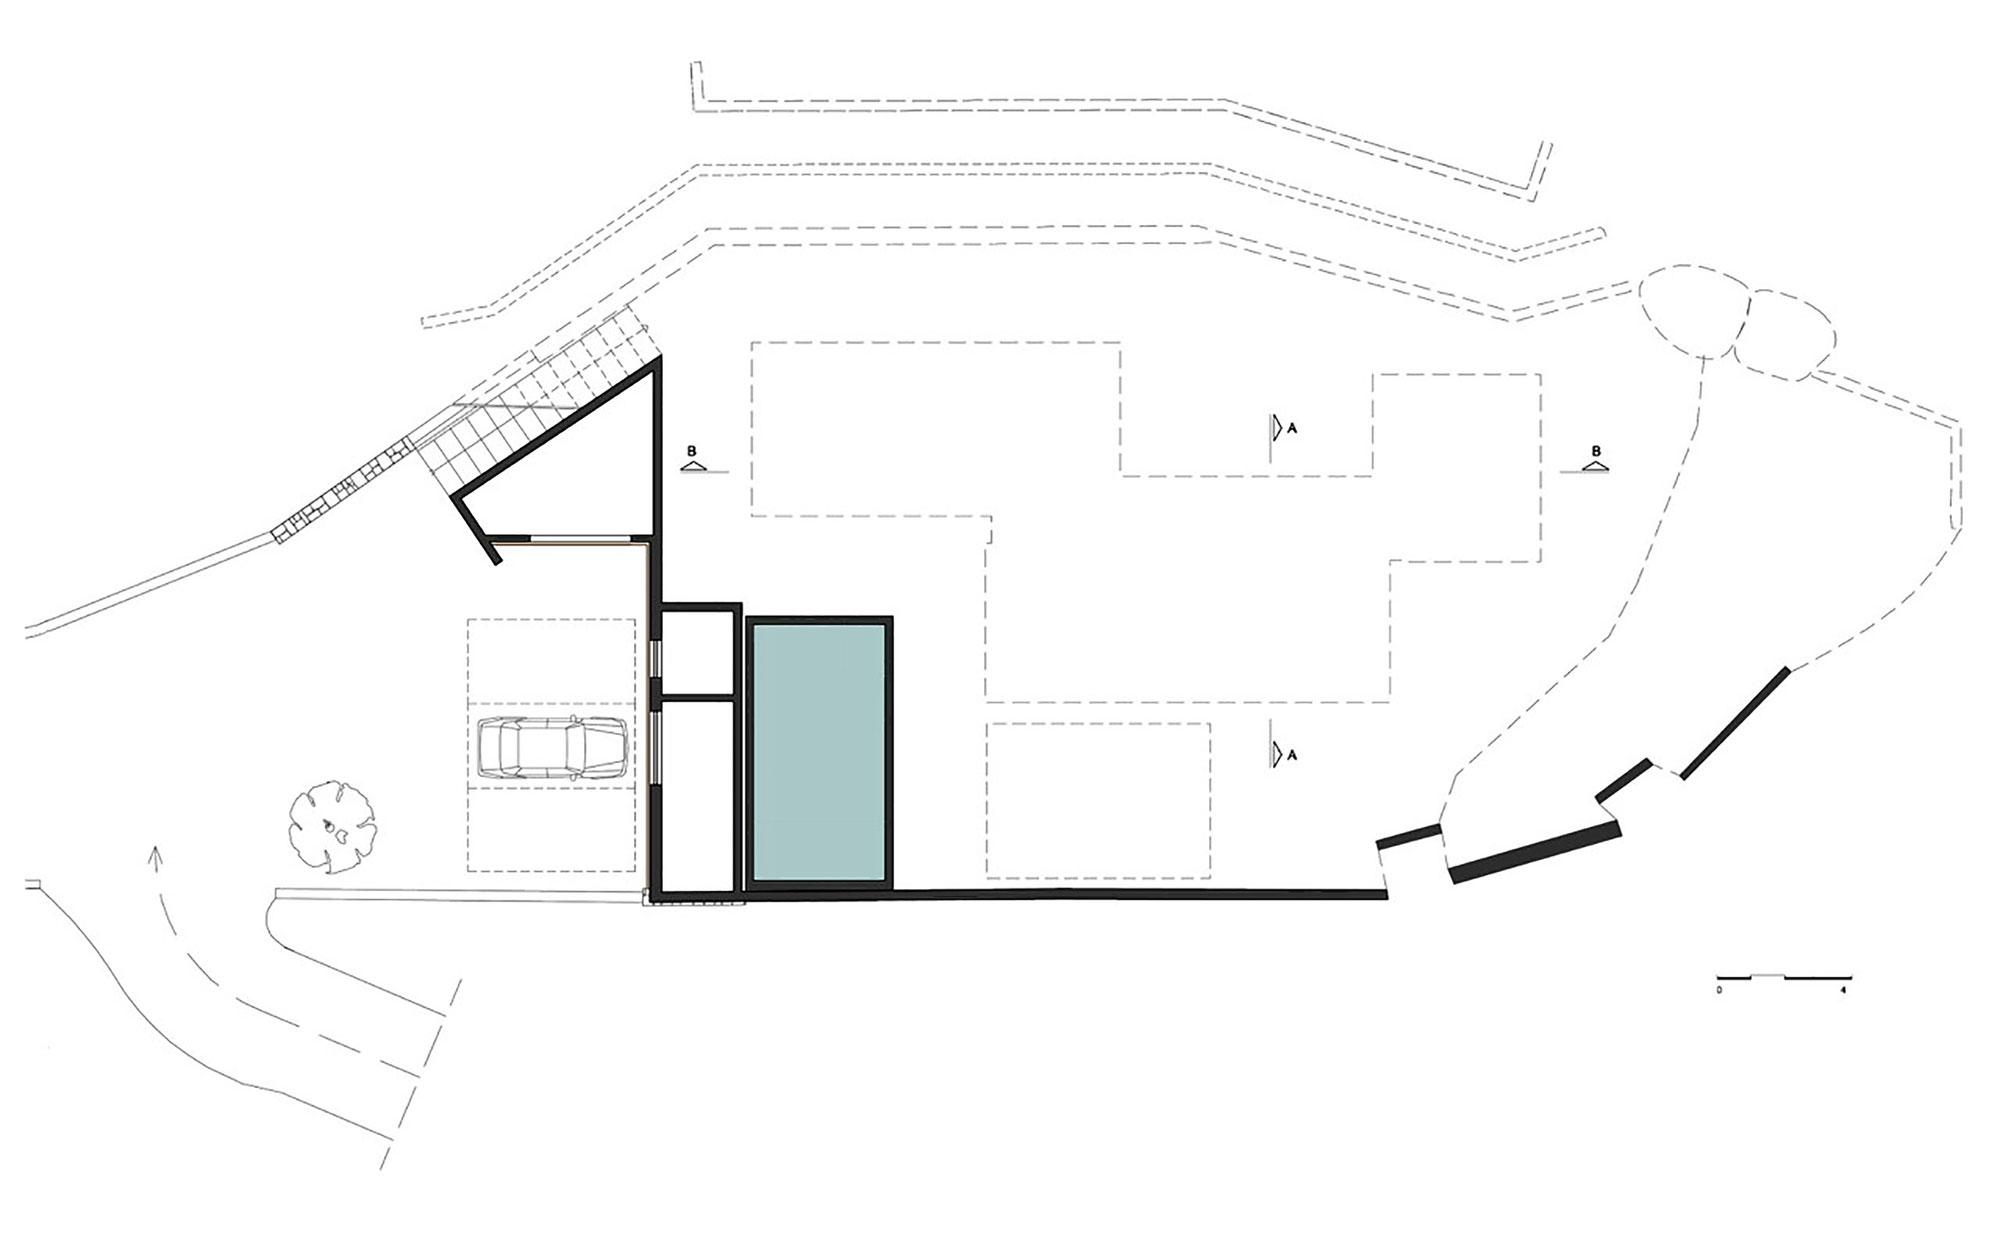 Melana Residence by Valia Foufa & Panagiotis Papassotiriou-14